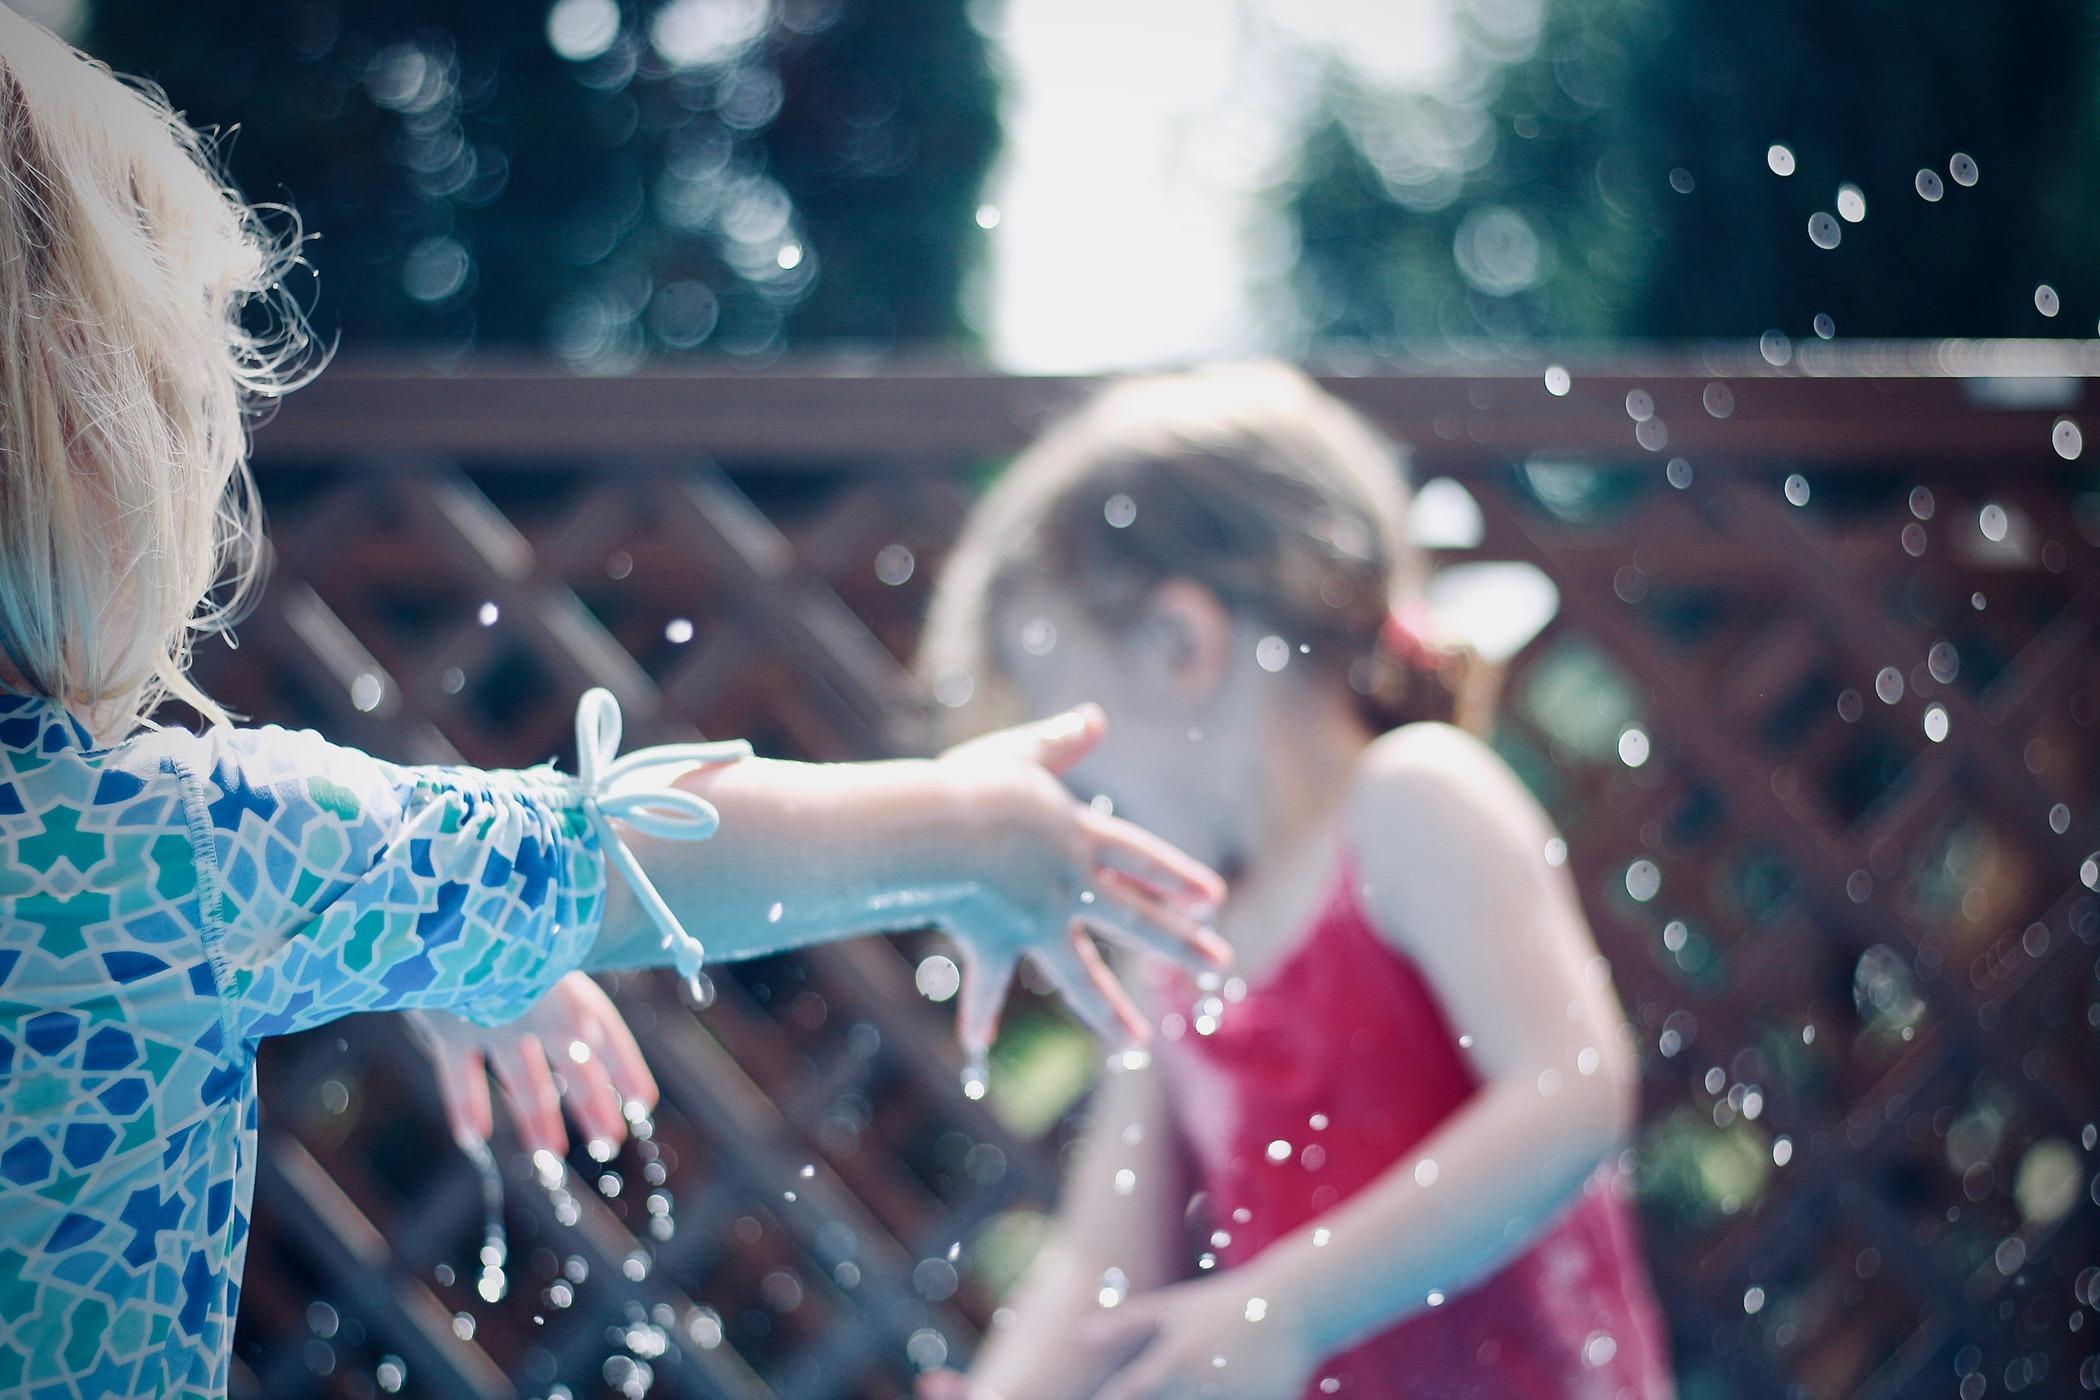 deux filles qui s'amusent avec de l'eau